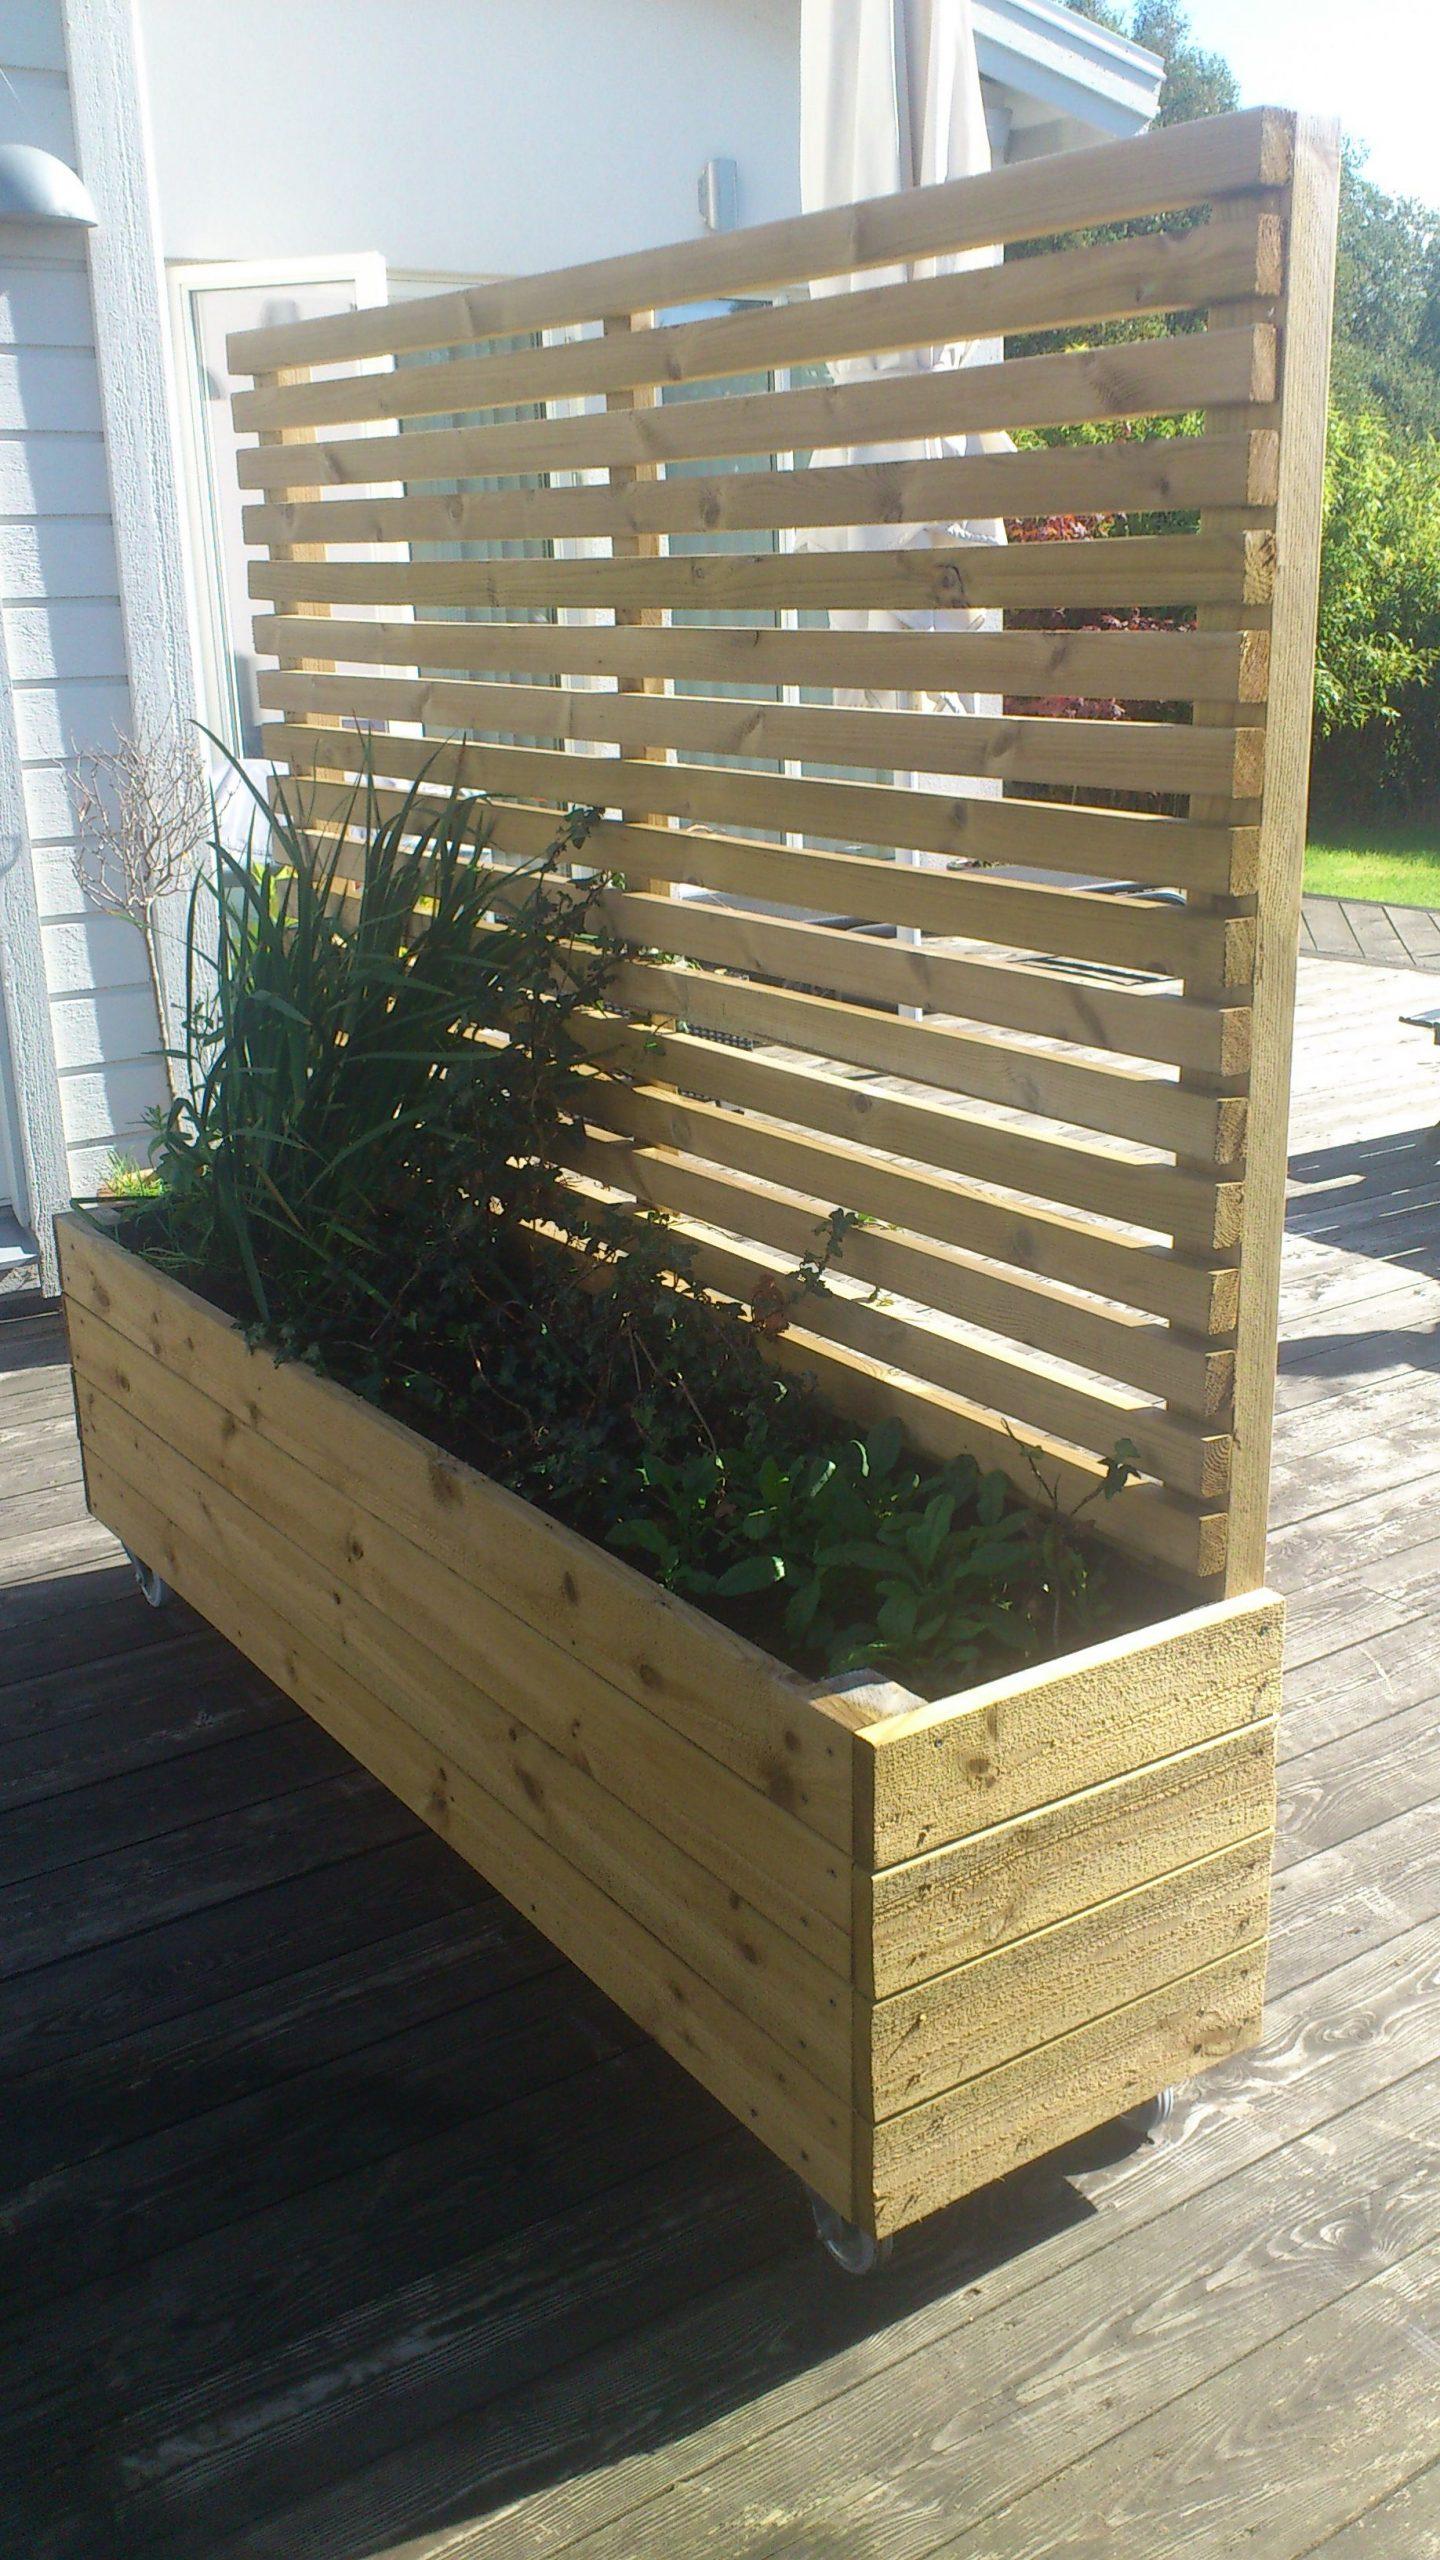 298 En Iyi Wooden Planters Görüntüsü | Ahşap Işçiliği, Ahşap ... à Jardinieres Beton Pour Jardin